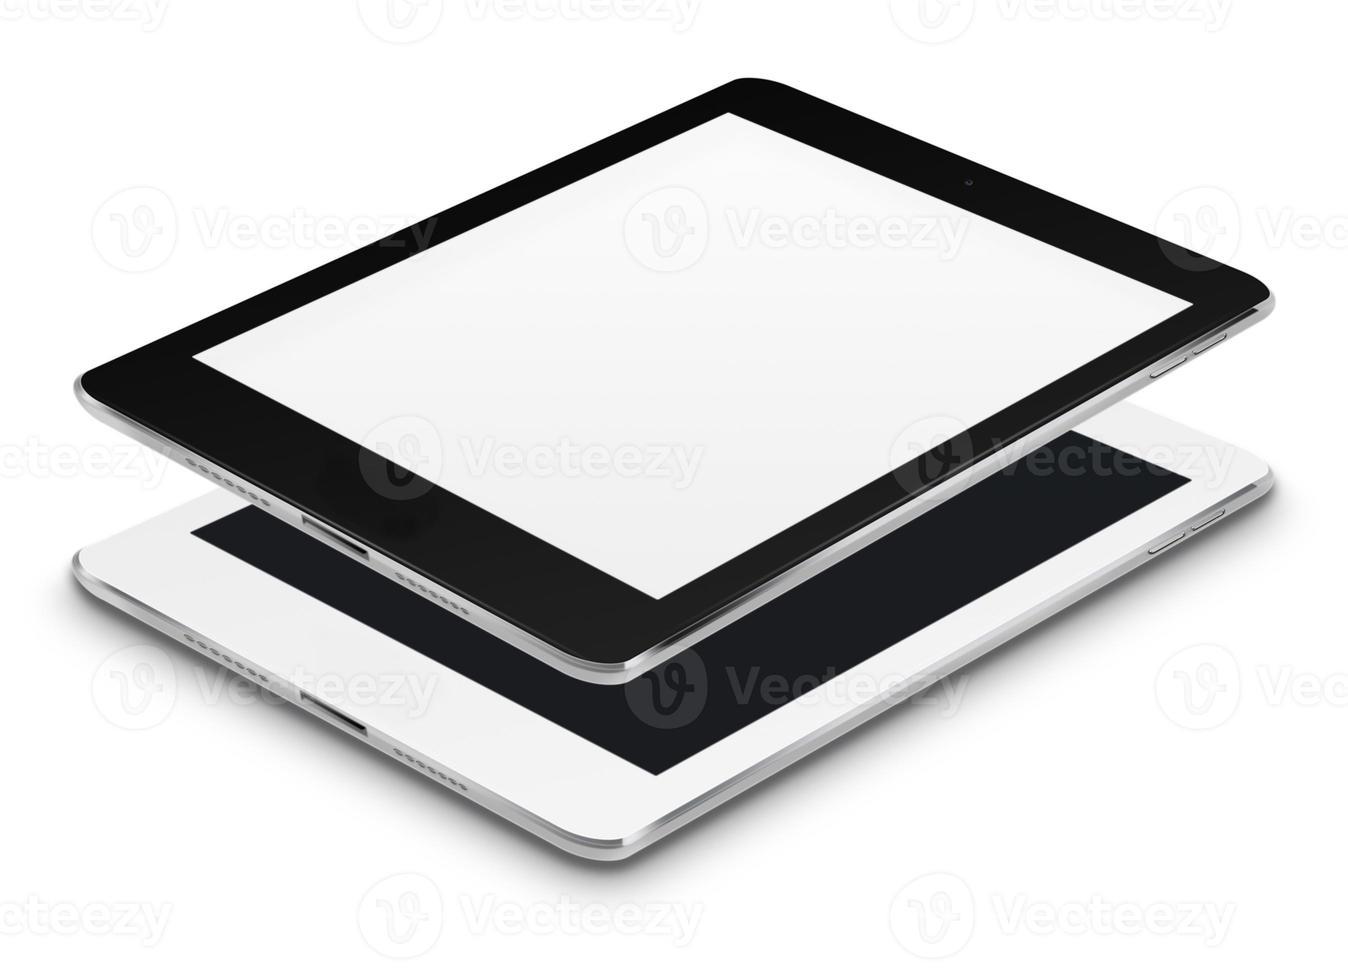 tabletas realistas con pantallas en blanco y negro. foto